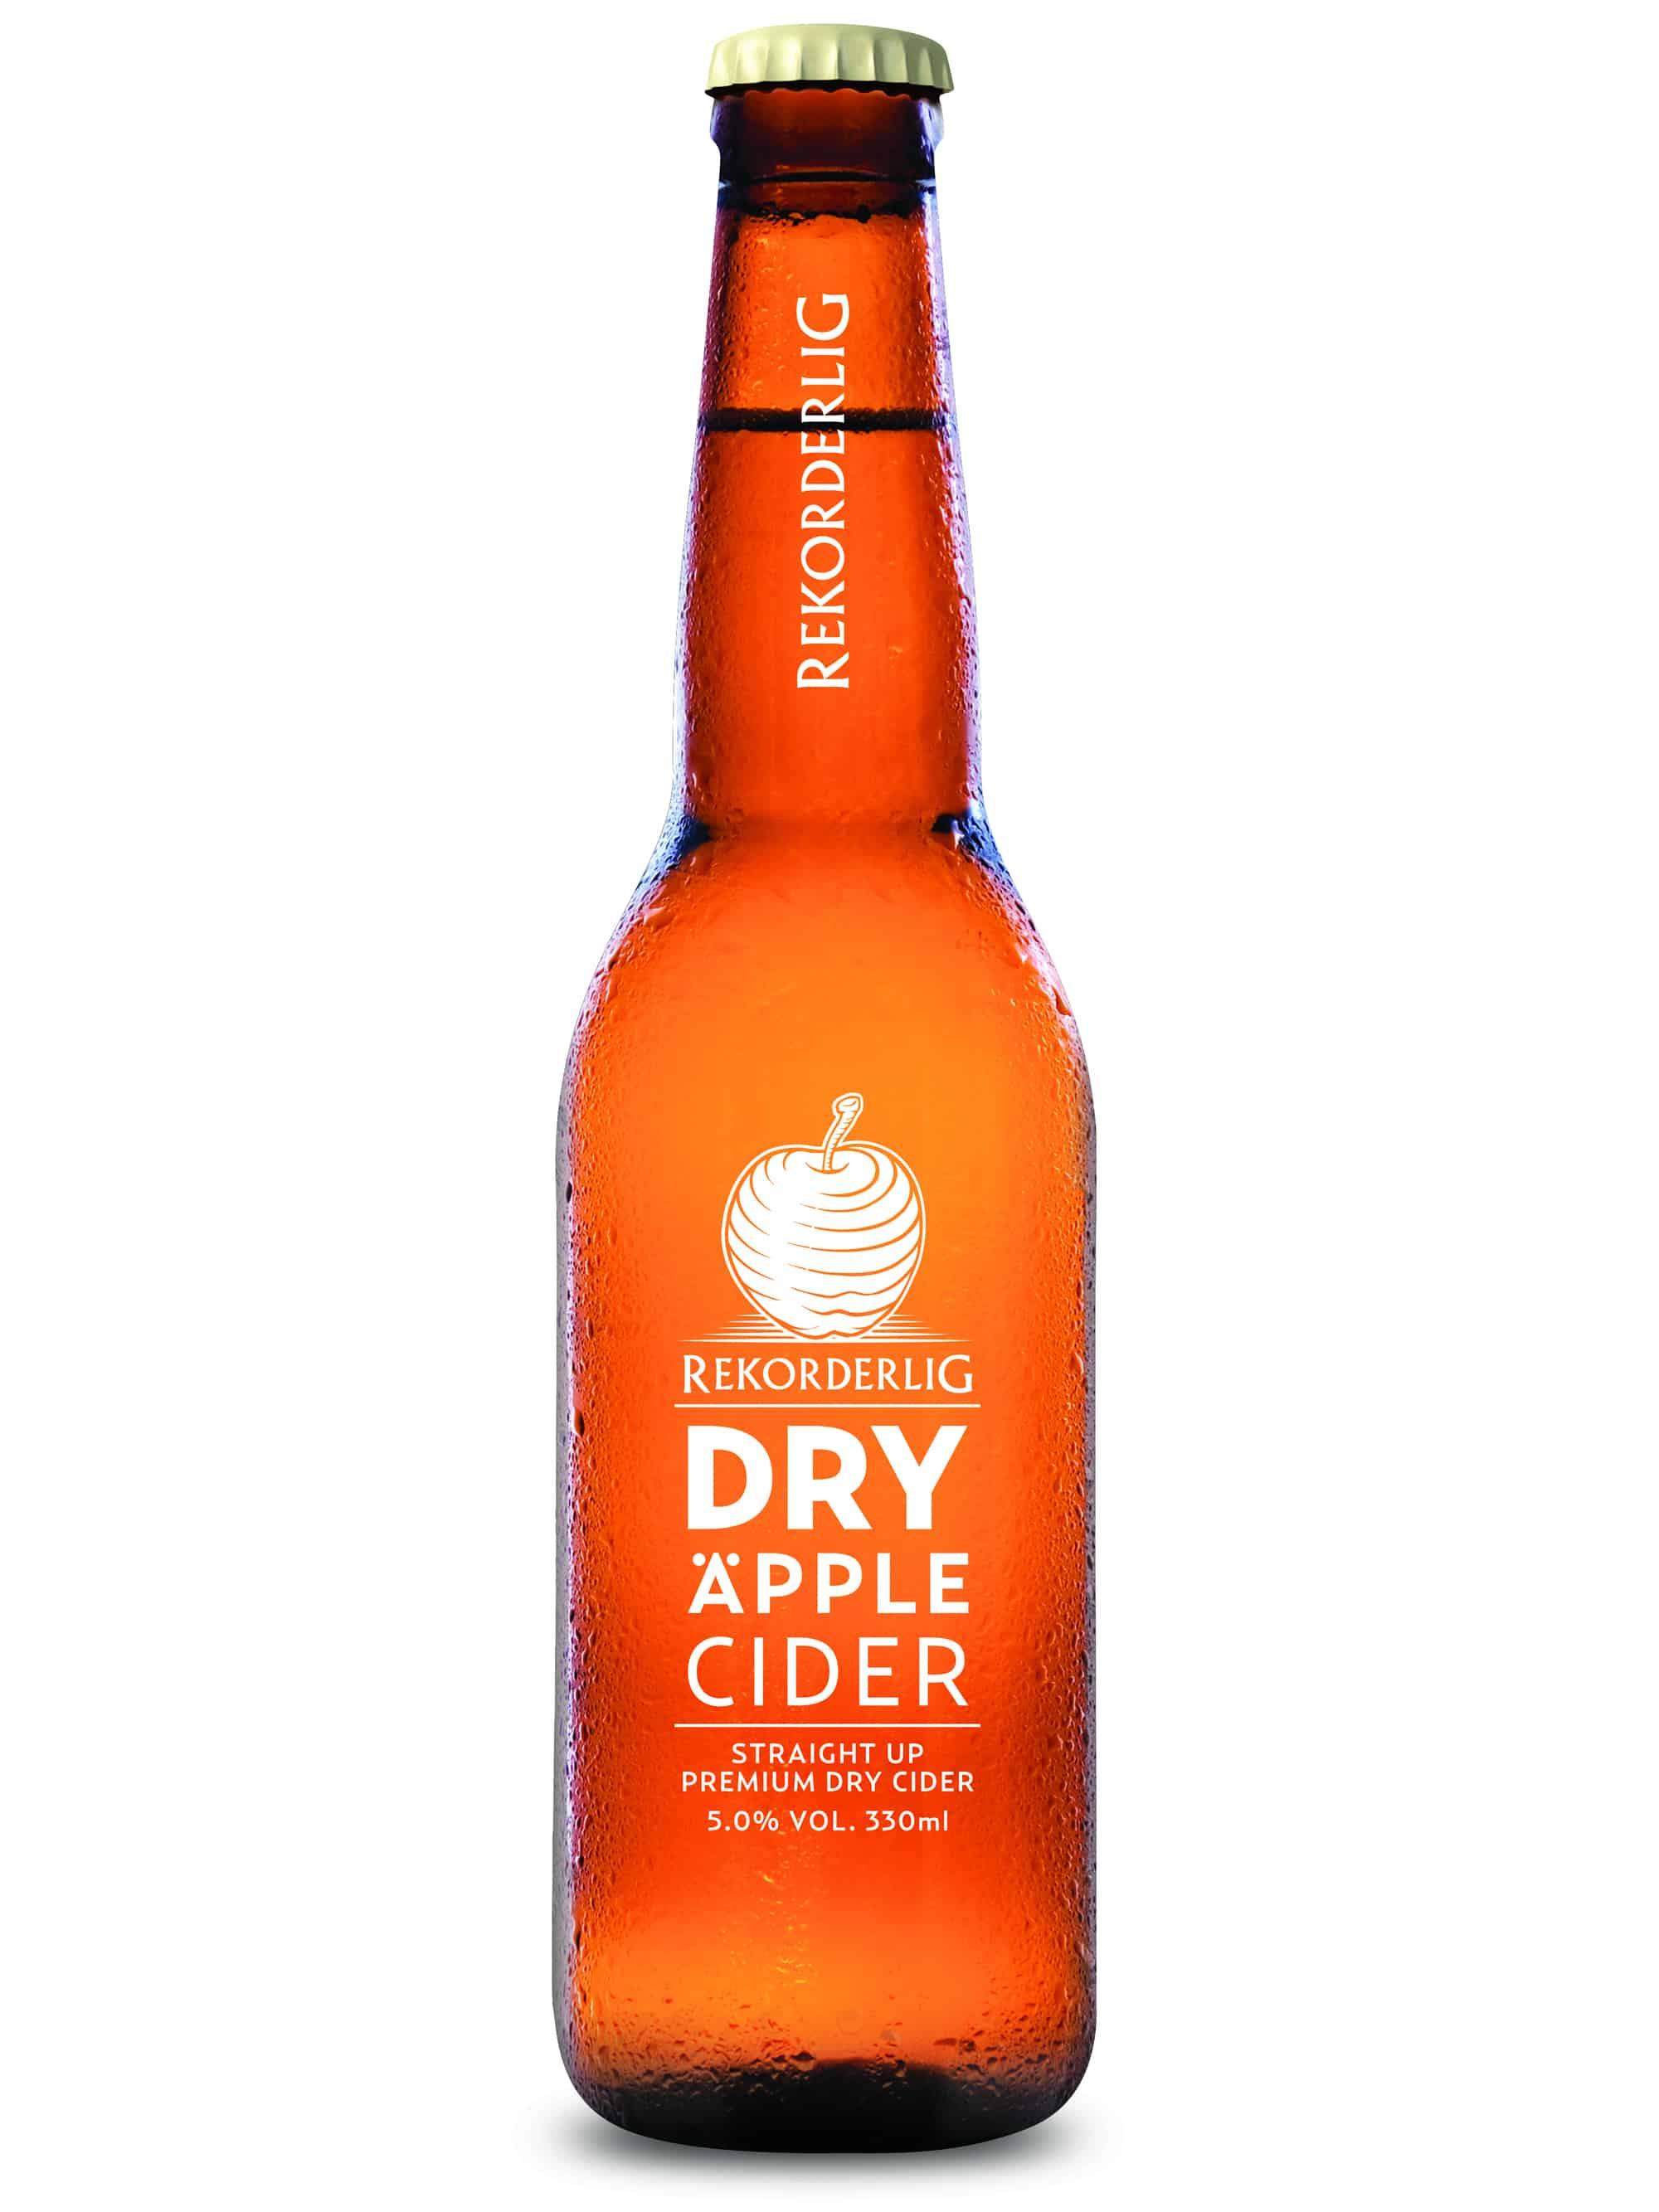 Rekorderlig Dry Apple Cider 330ml Bottle UK